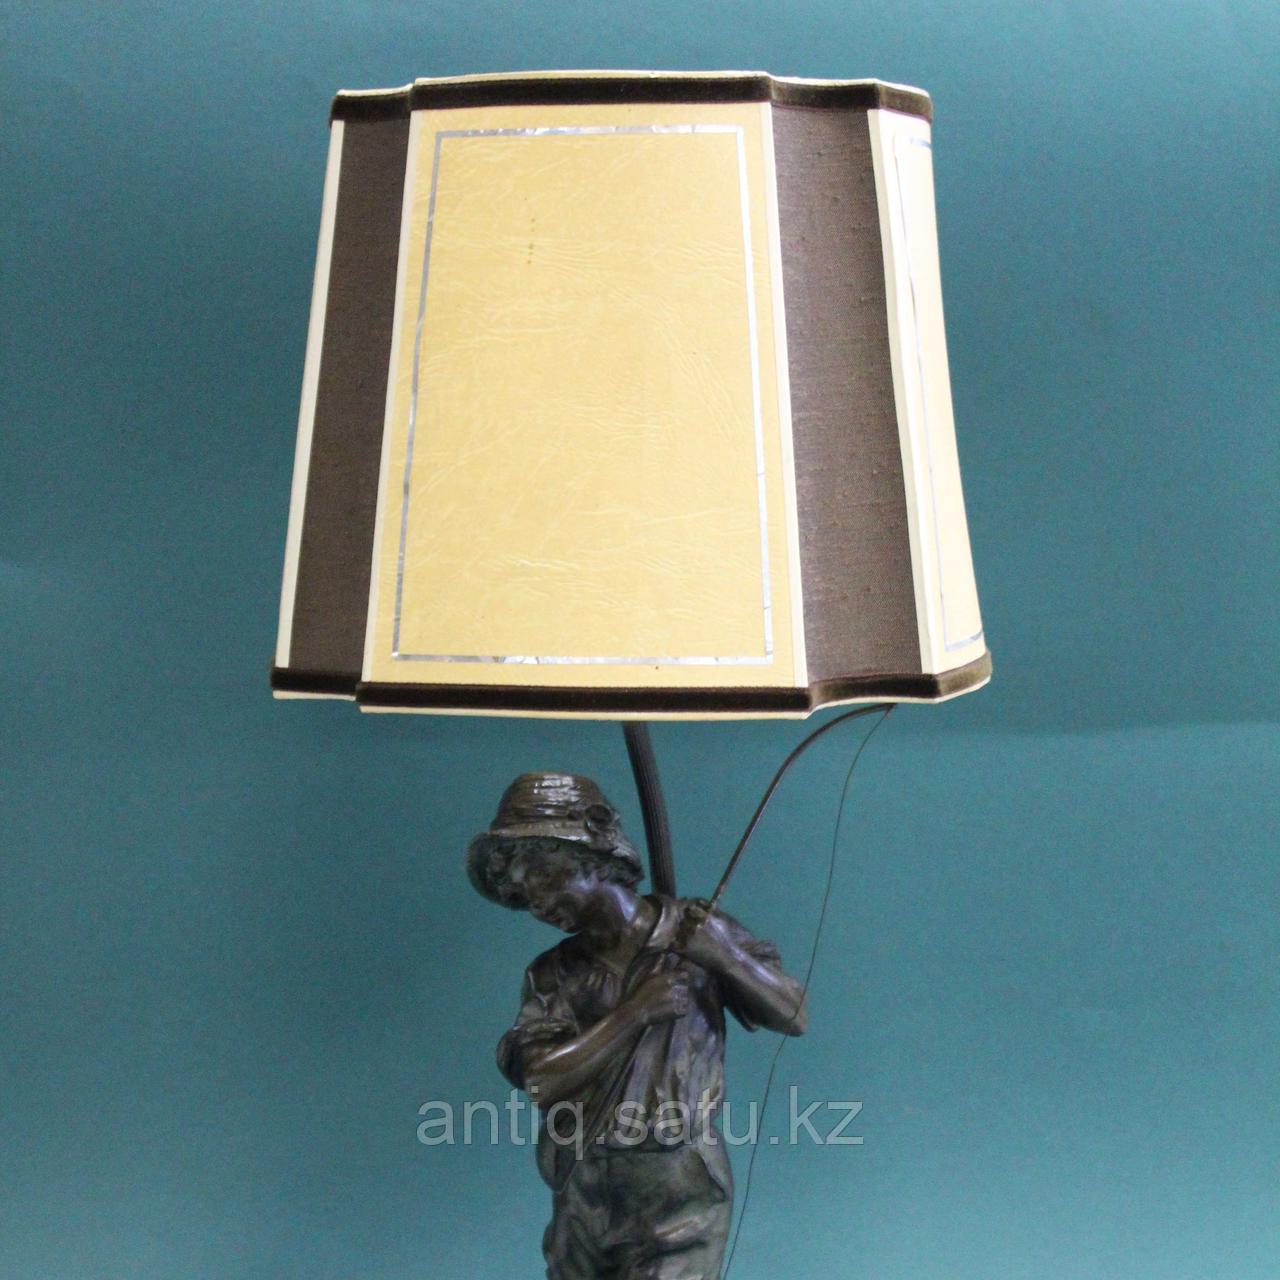 Настольная лампа по модели Франсуа Моро - фото 2